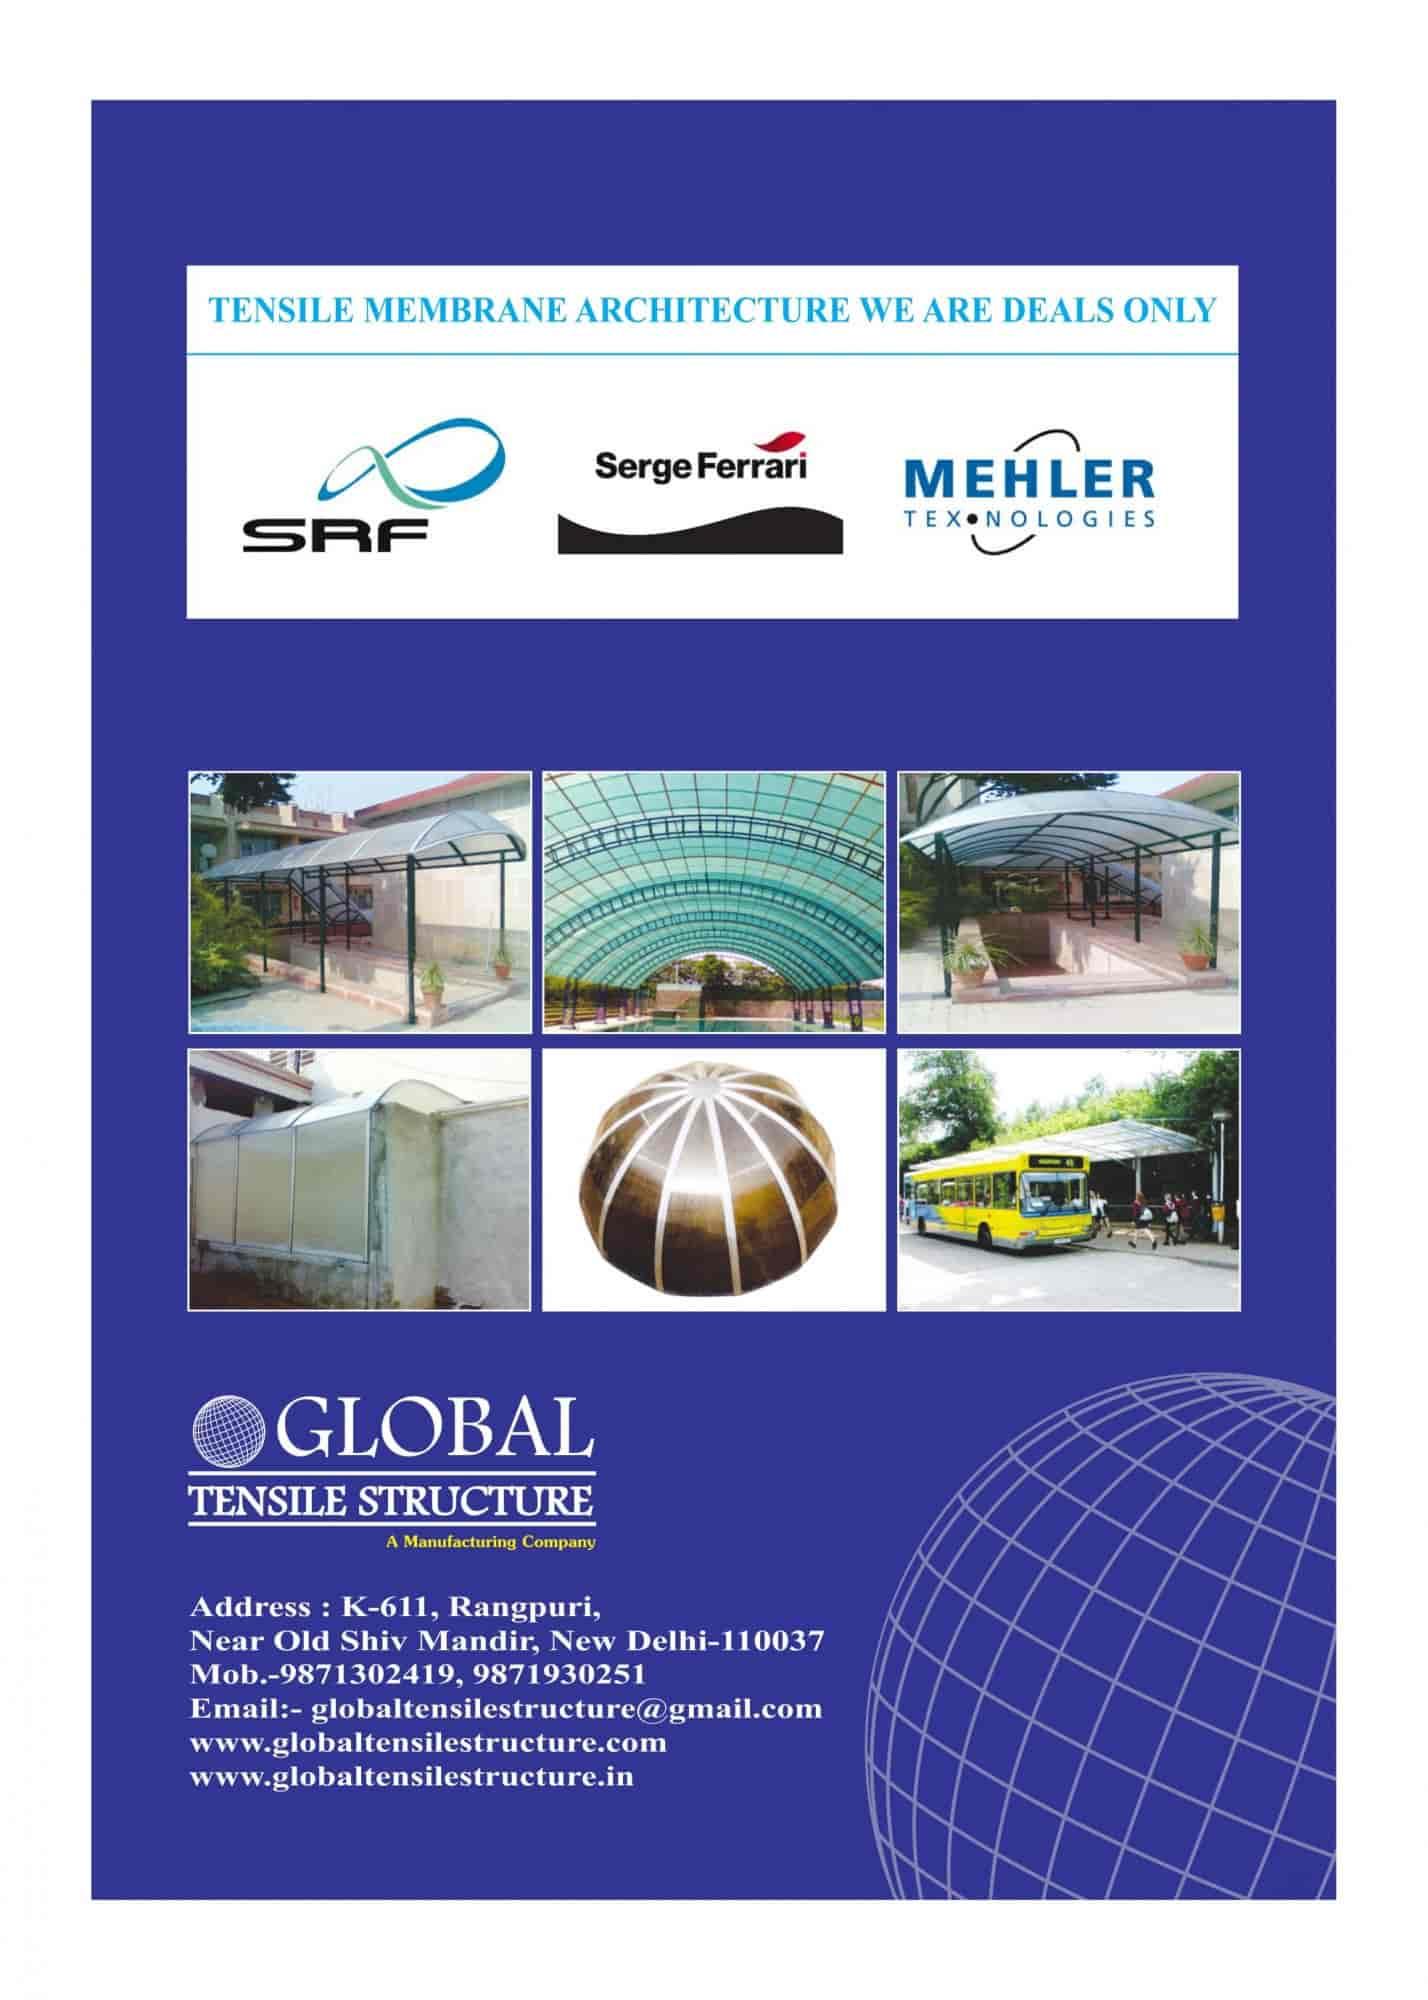 Global Tensile Structure, Mahipalpur - Tensile Structure